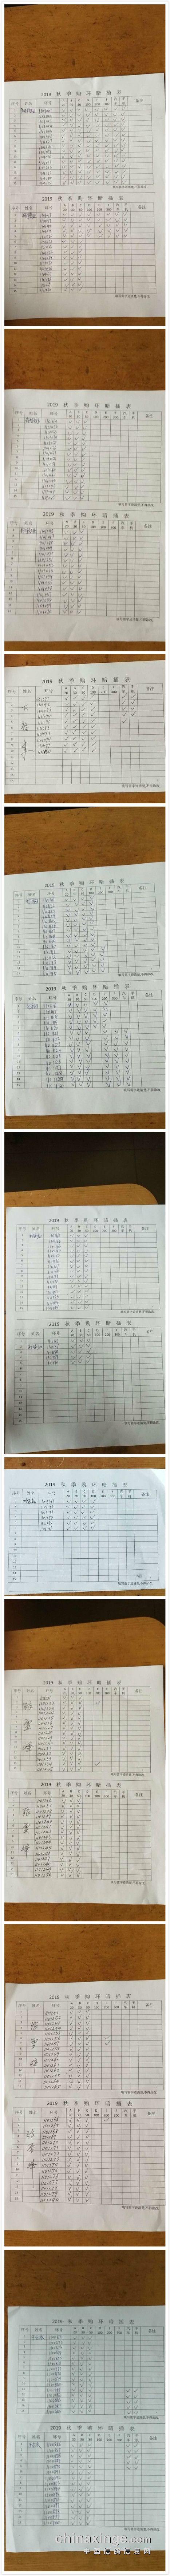 廊坊市2019年特比购环暗插(原始单)